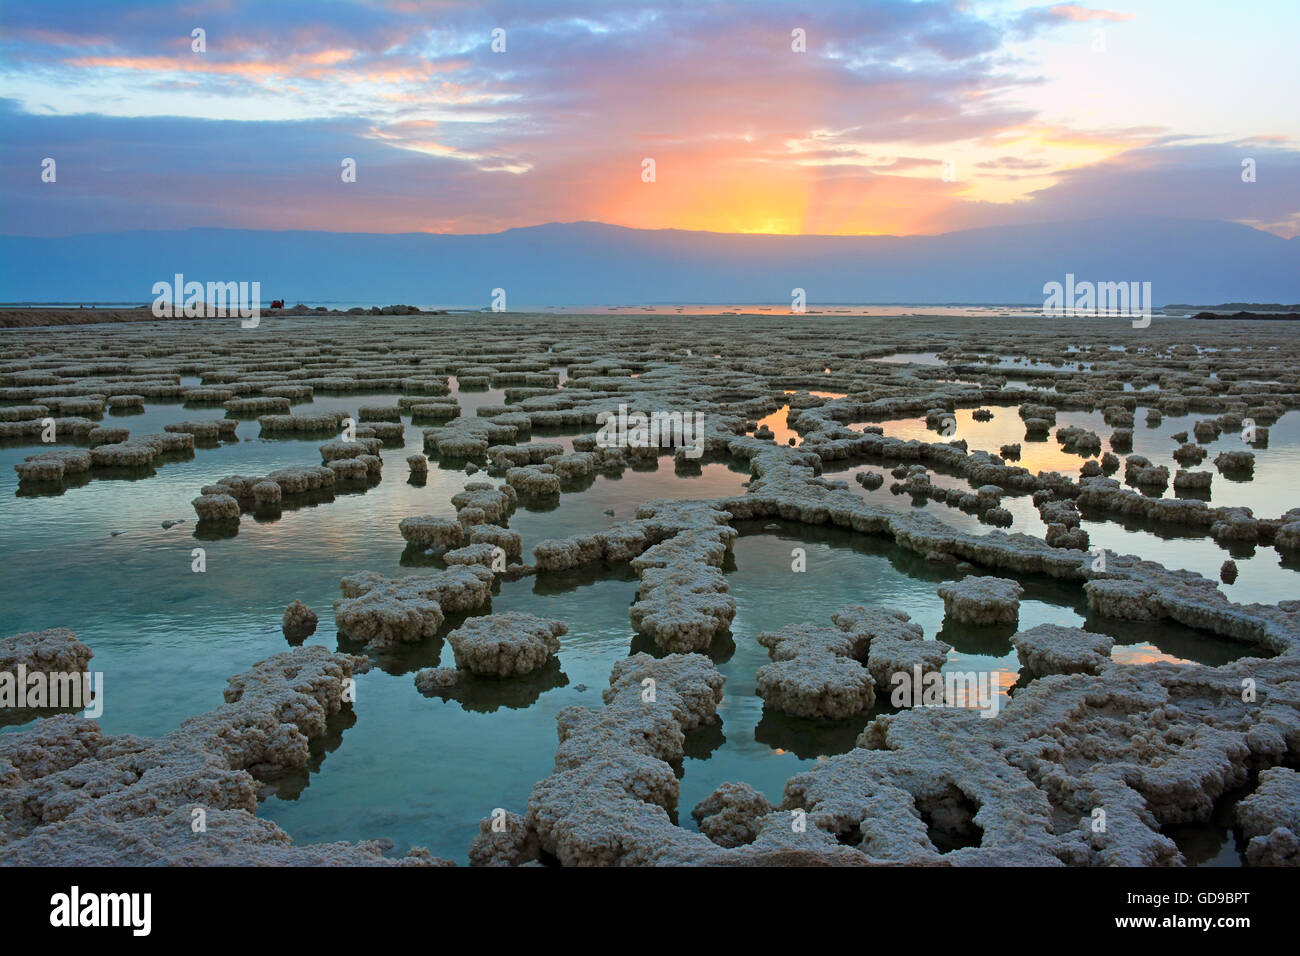 Lever du soleil sur la formation de sel dans la mer Morte, Israël Photo Stock